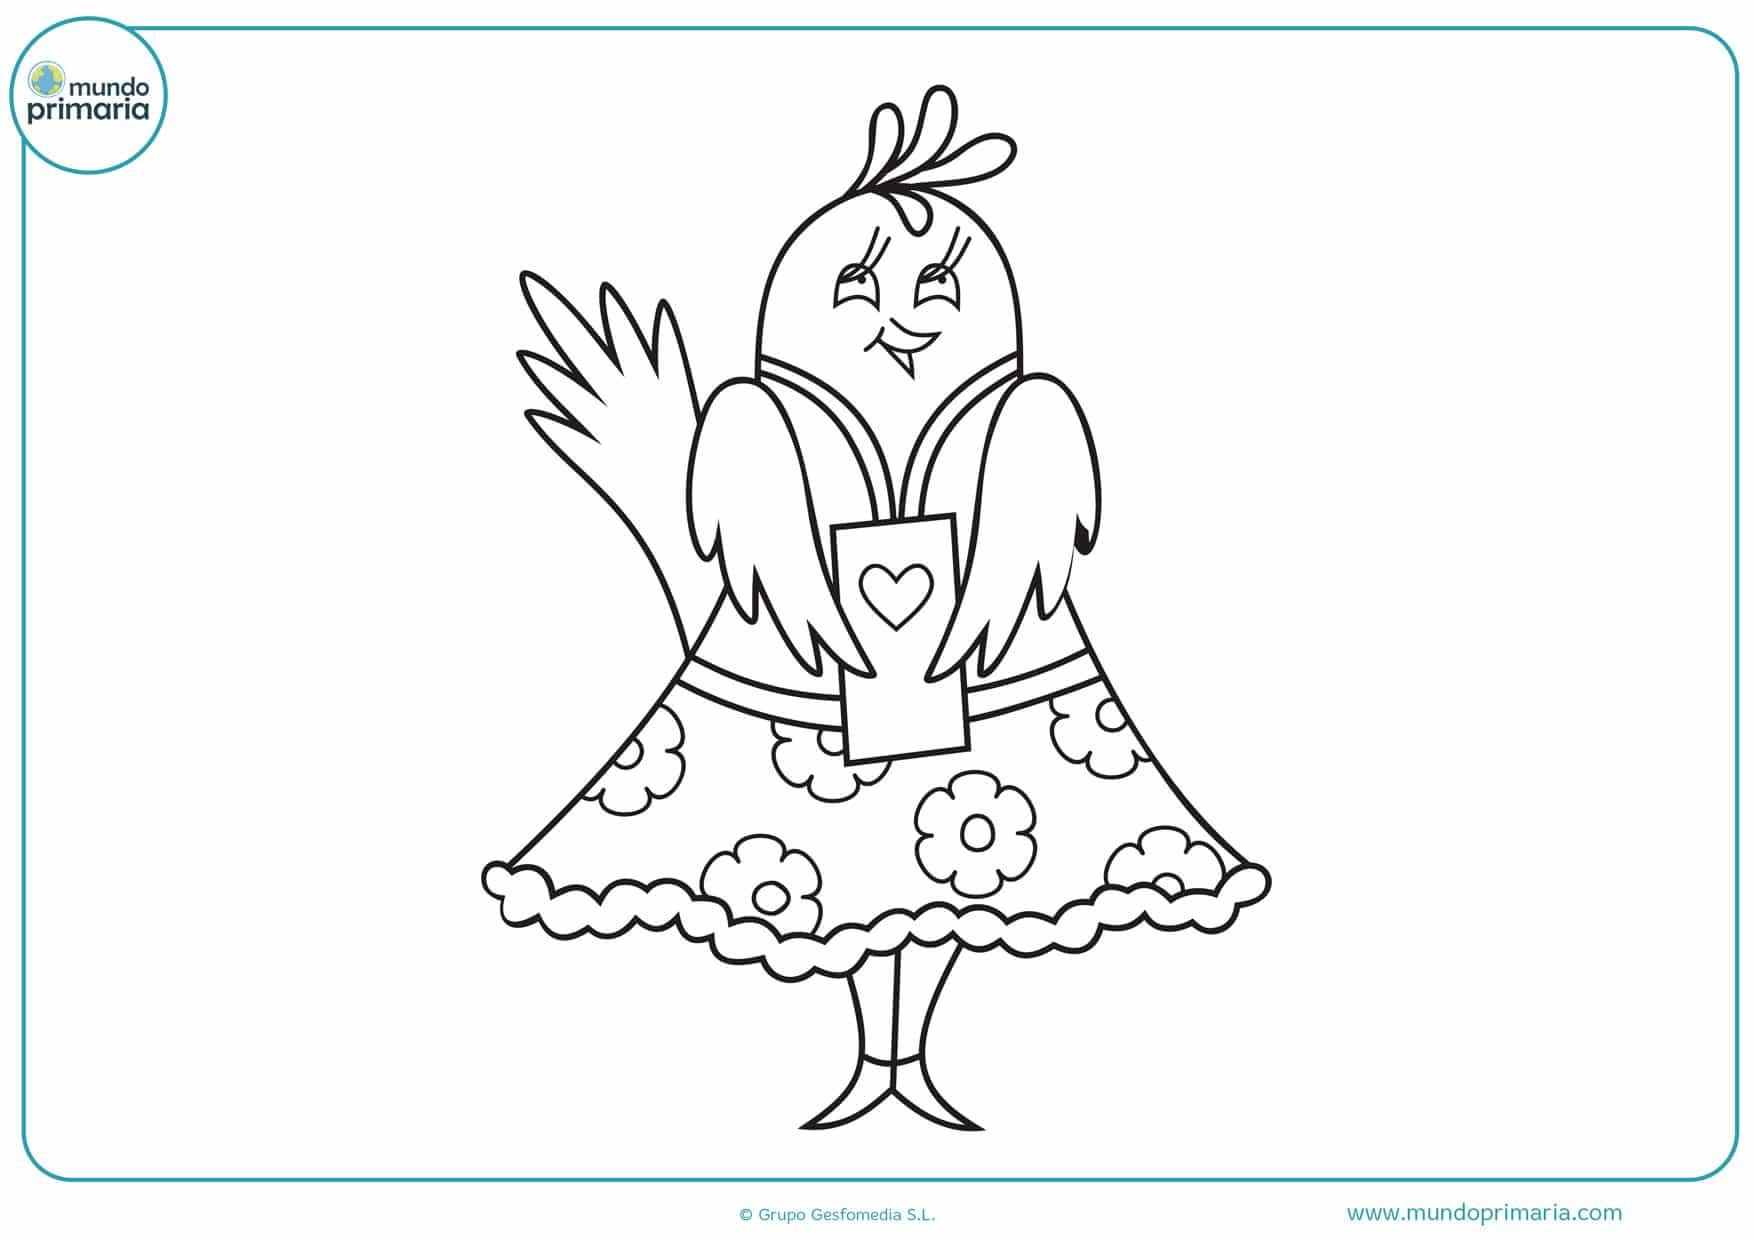 imágenes de dibujos de amor para colorear